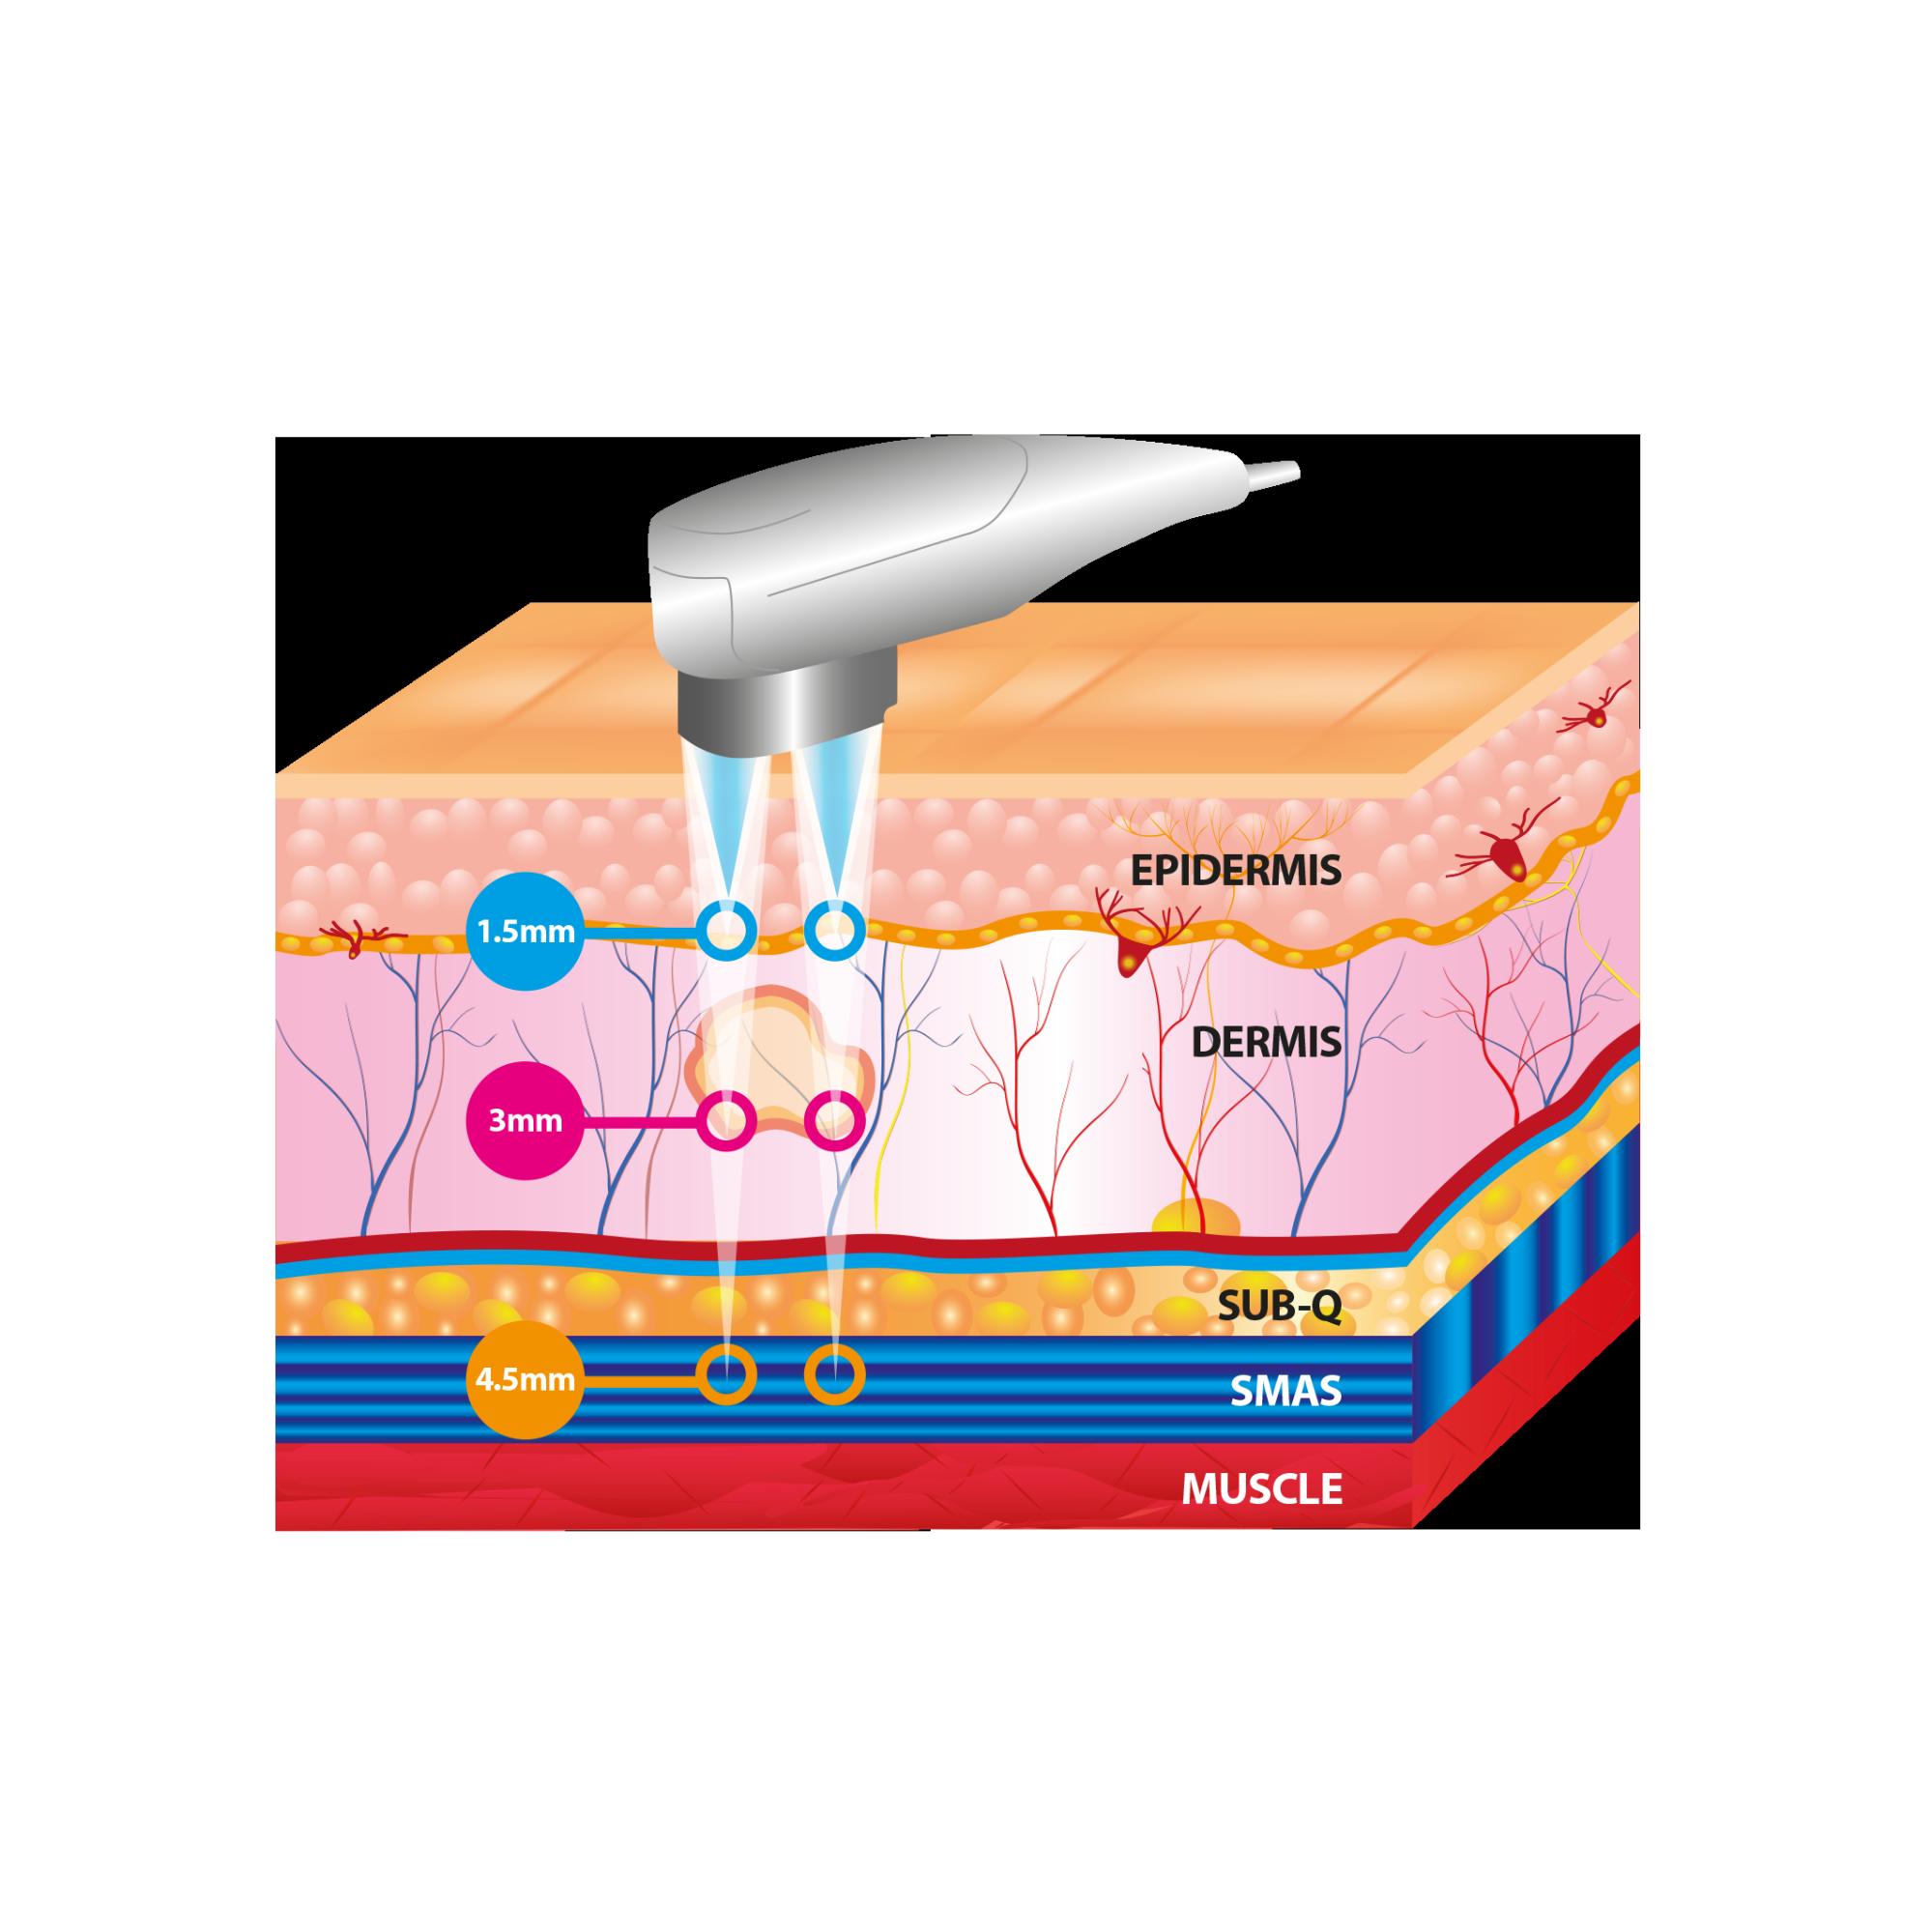 hifu treatment skin layers infographic